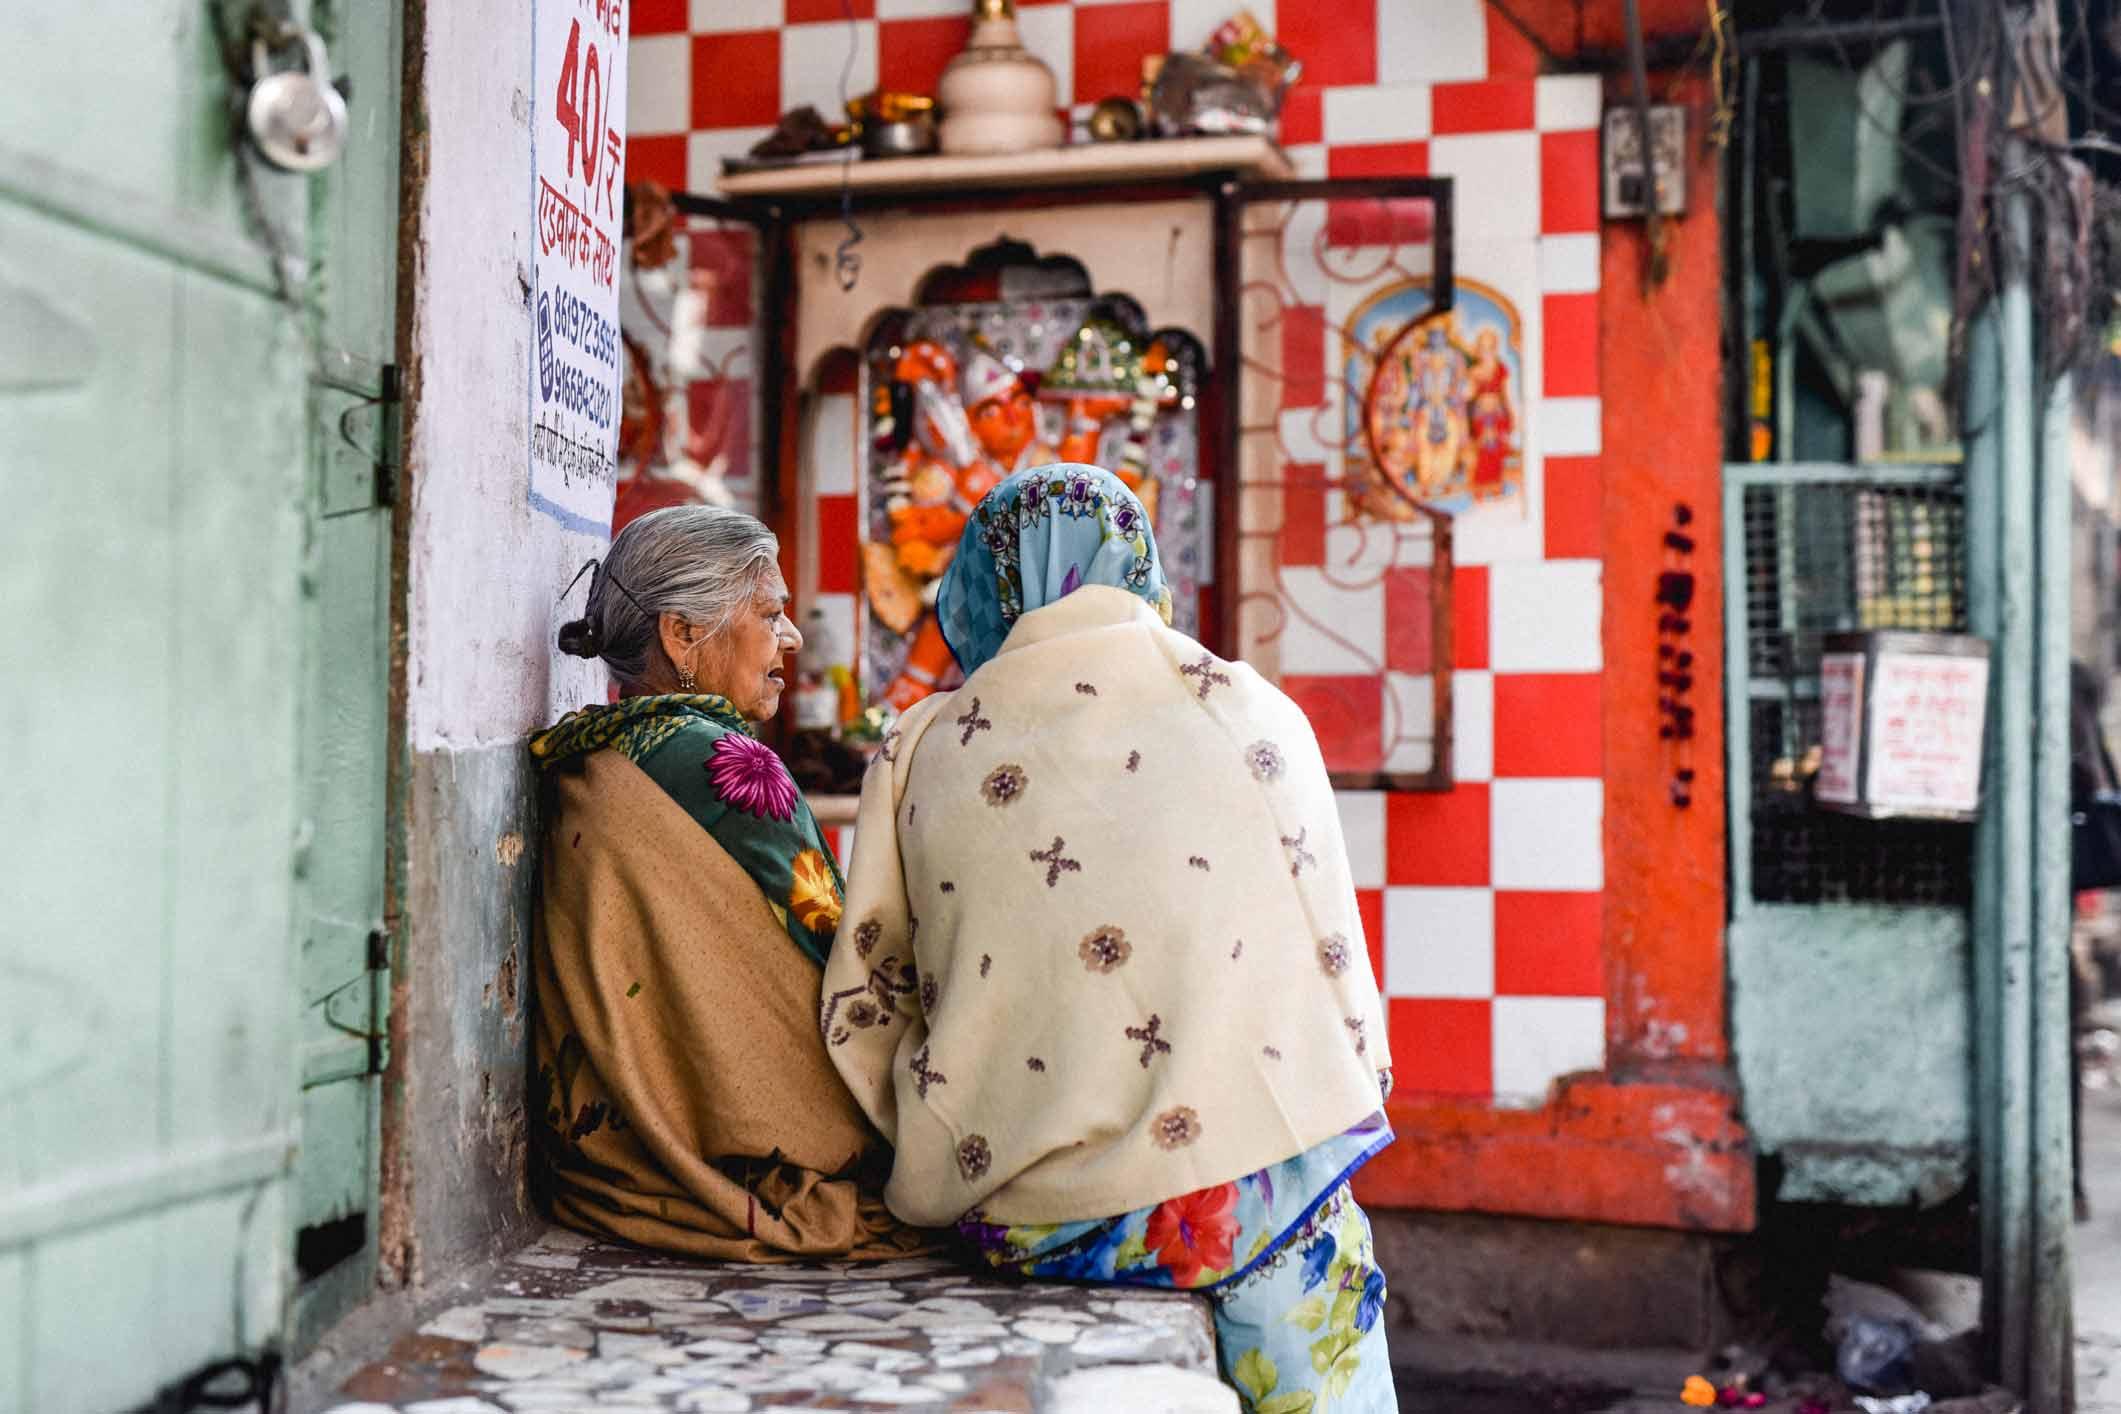 India_Travel_2018_Ilsoo_van_Dijk_-7053